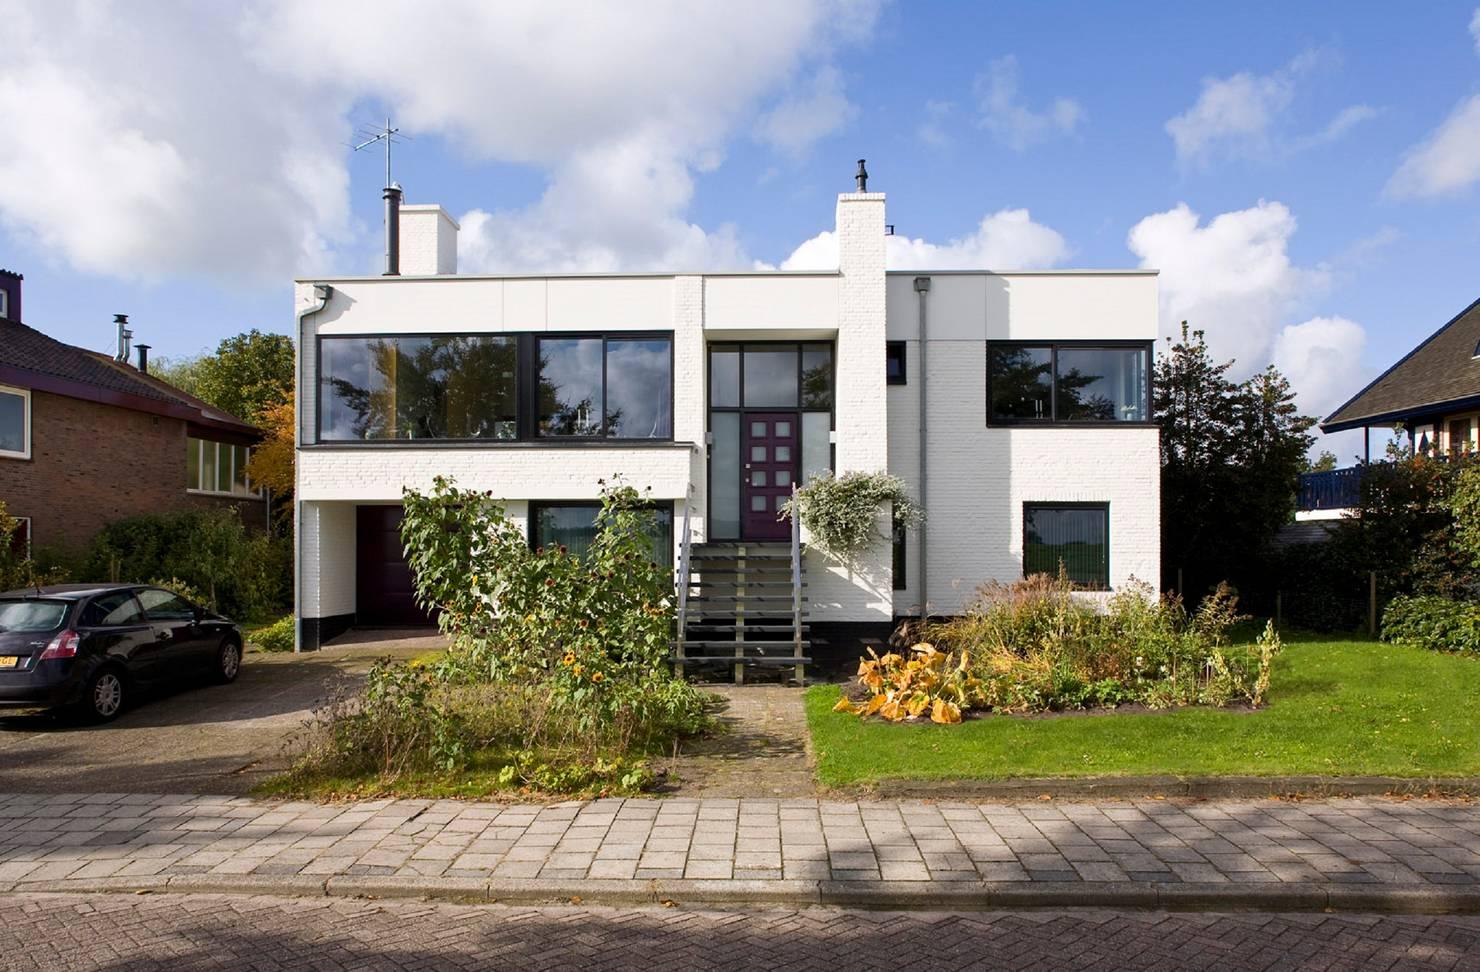 Une maison familiale moderne avec un intérieur stylé